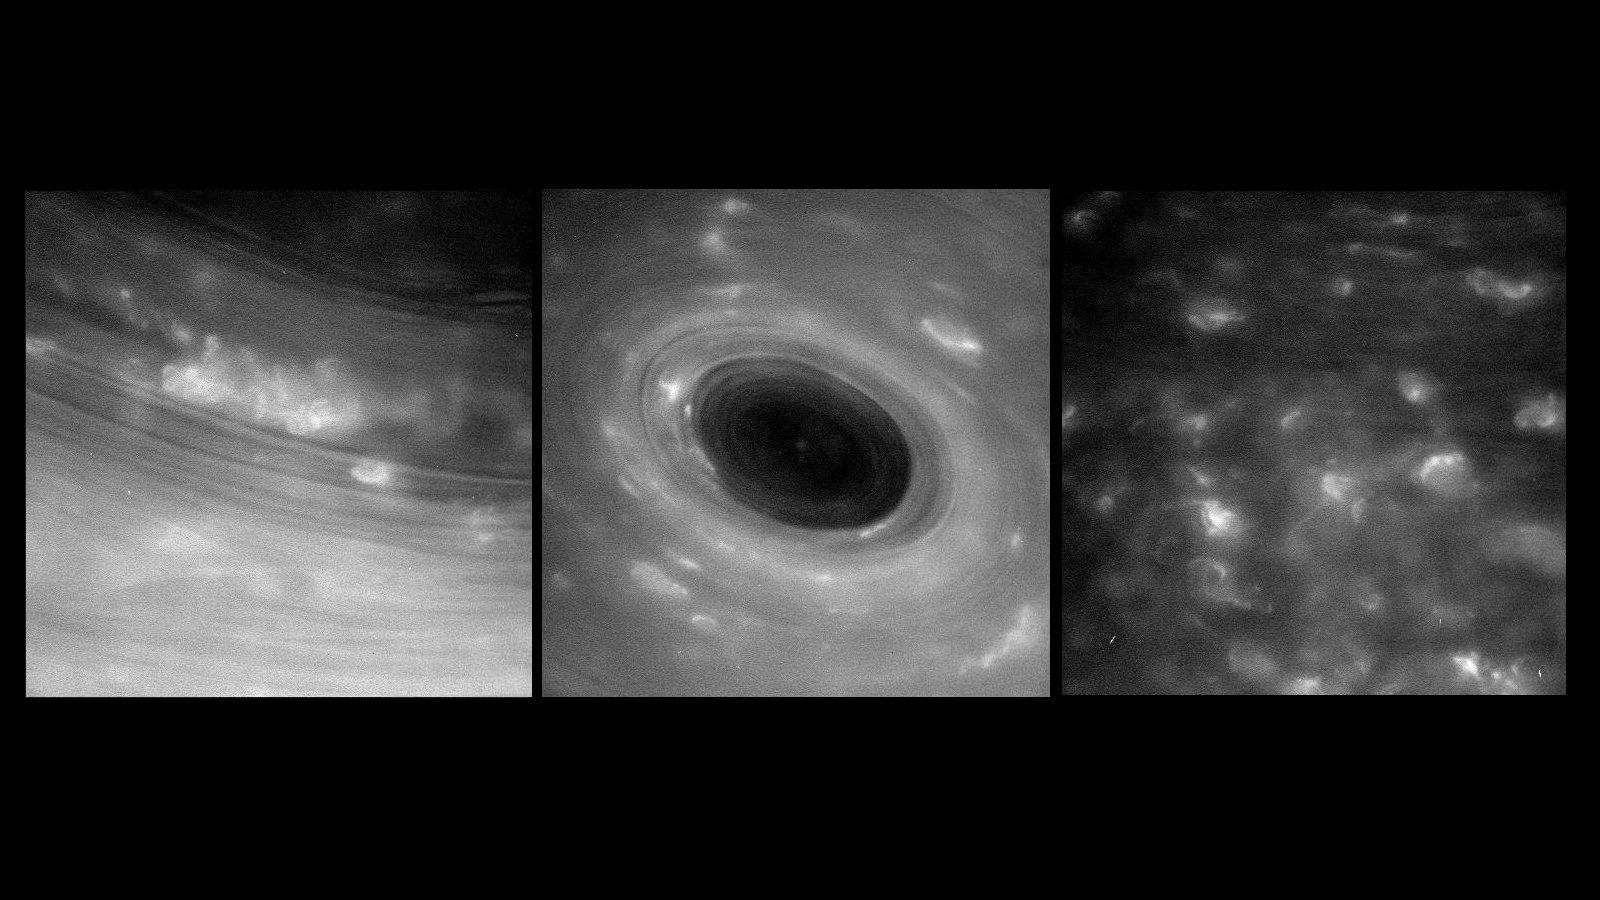 Уфологи обнаружили детали НЛО, потерпевшего крушения, наспутнике Сатурна Эпитемее